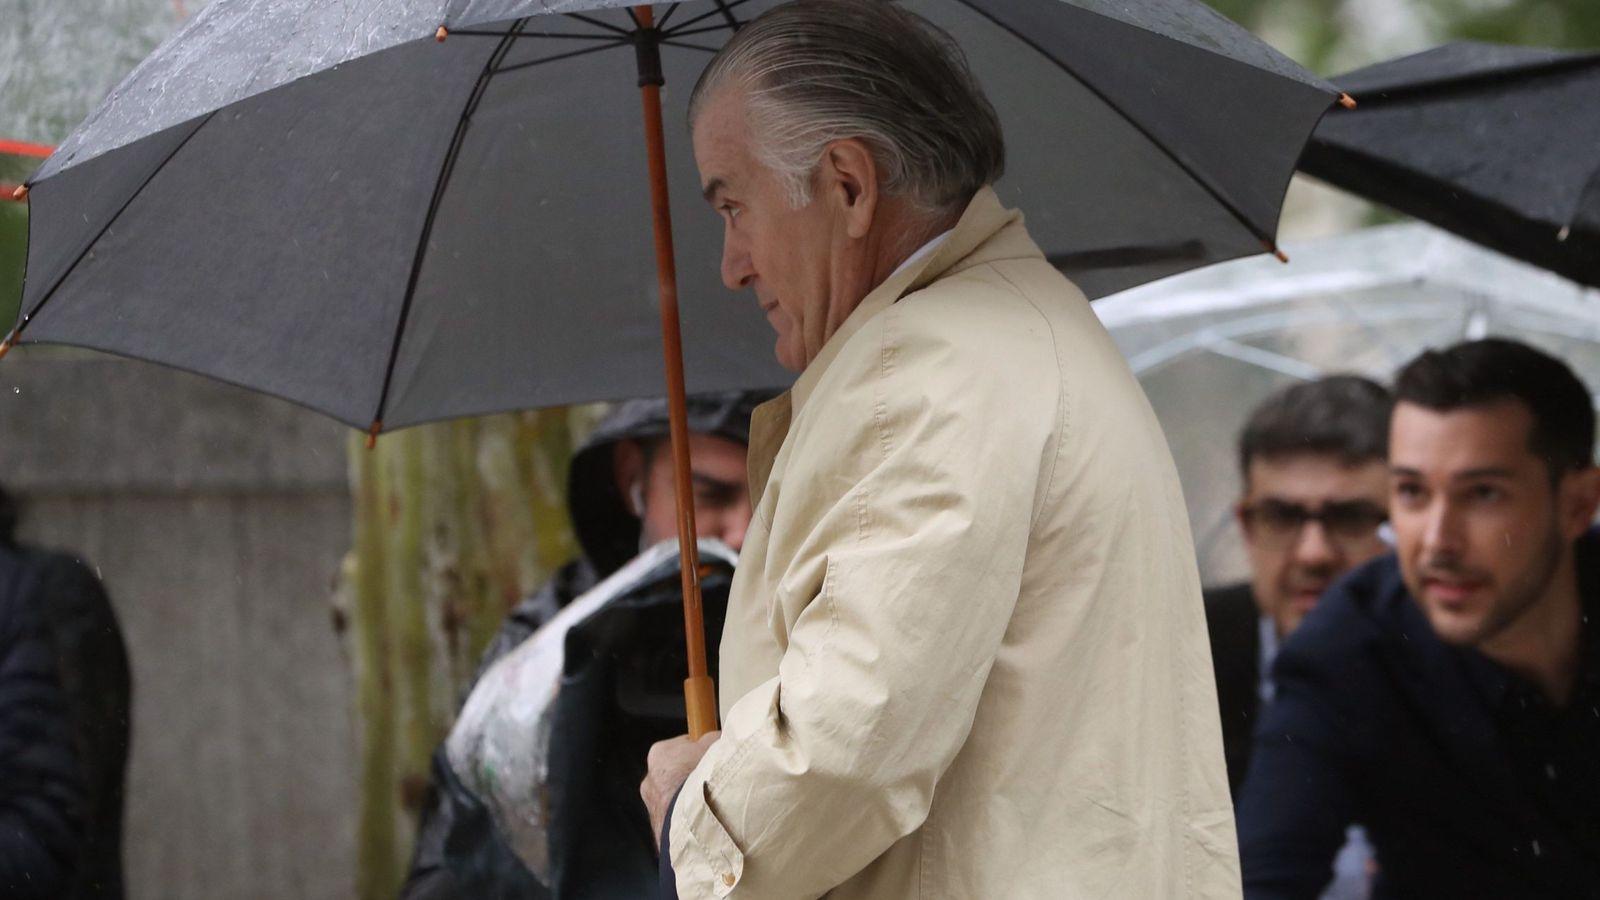 Foto: Imagen de archivo del extesorero del PP Luis Bárcenas llegando a la Audiencia Nacional. (EFE)